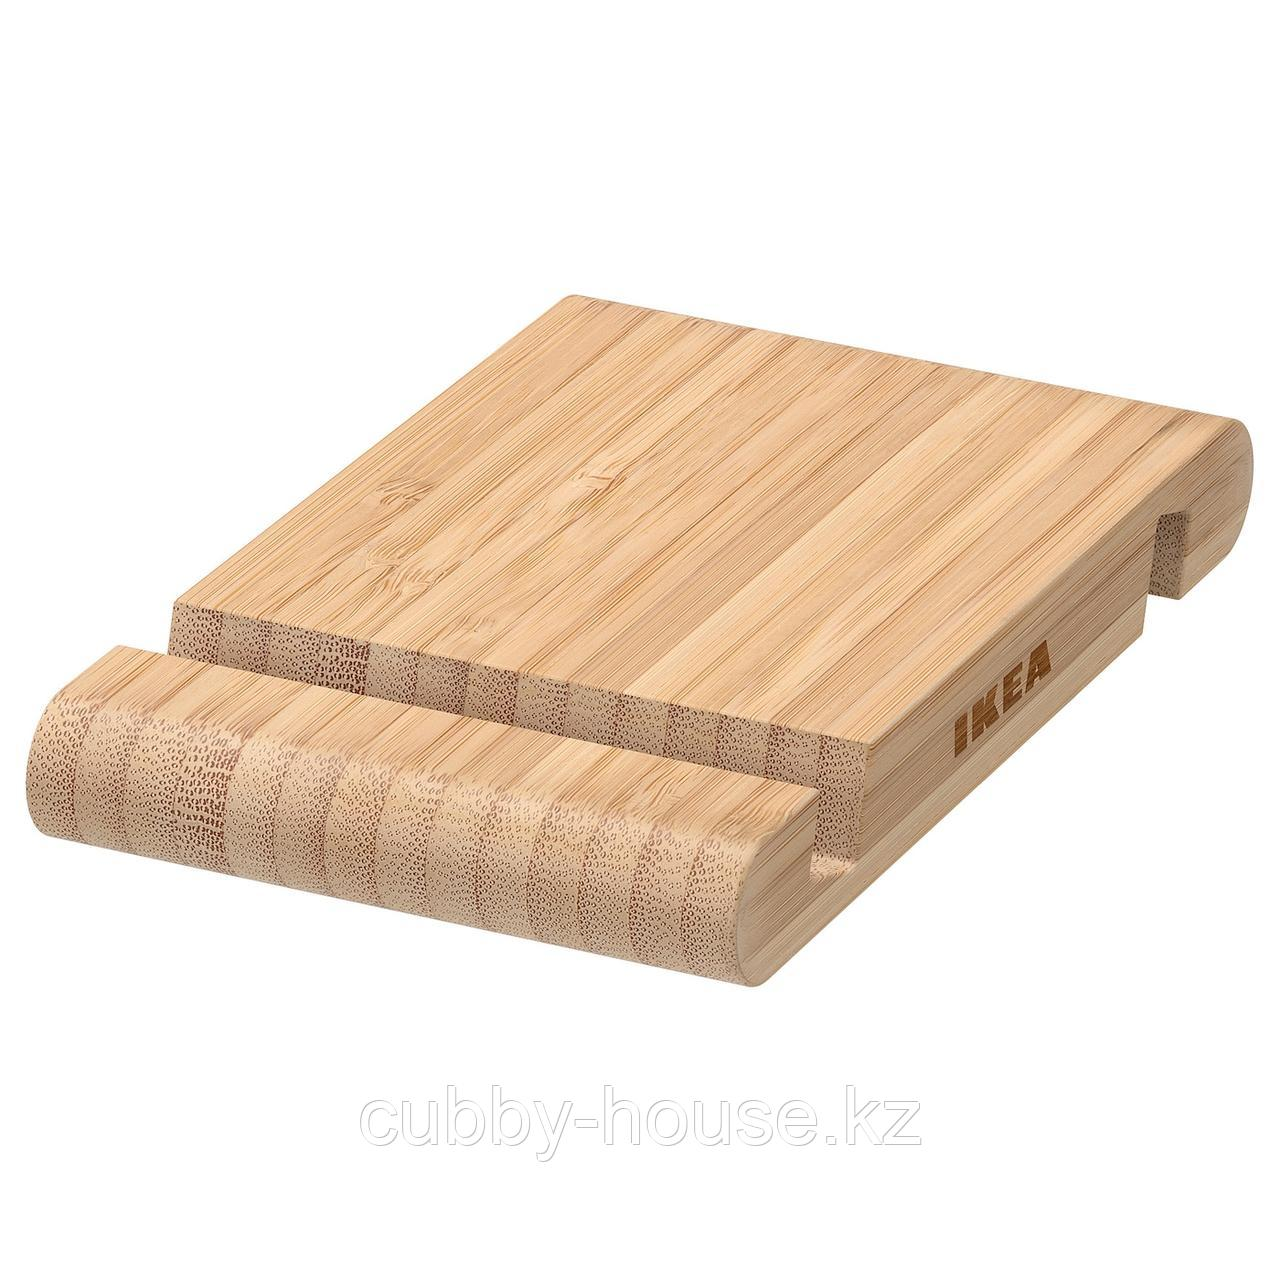 БЕРГЕНЕС Подставка для смартфона/планшета, бамбук